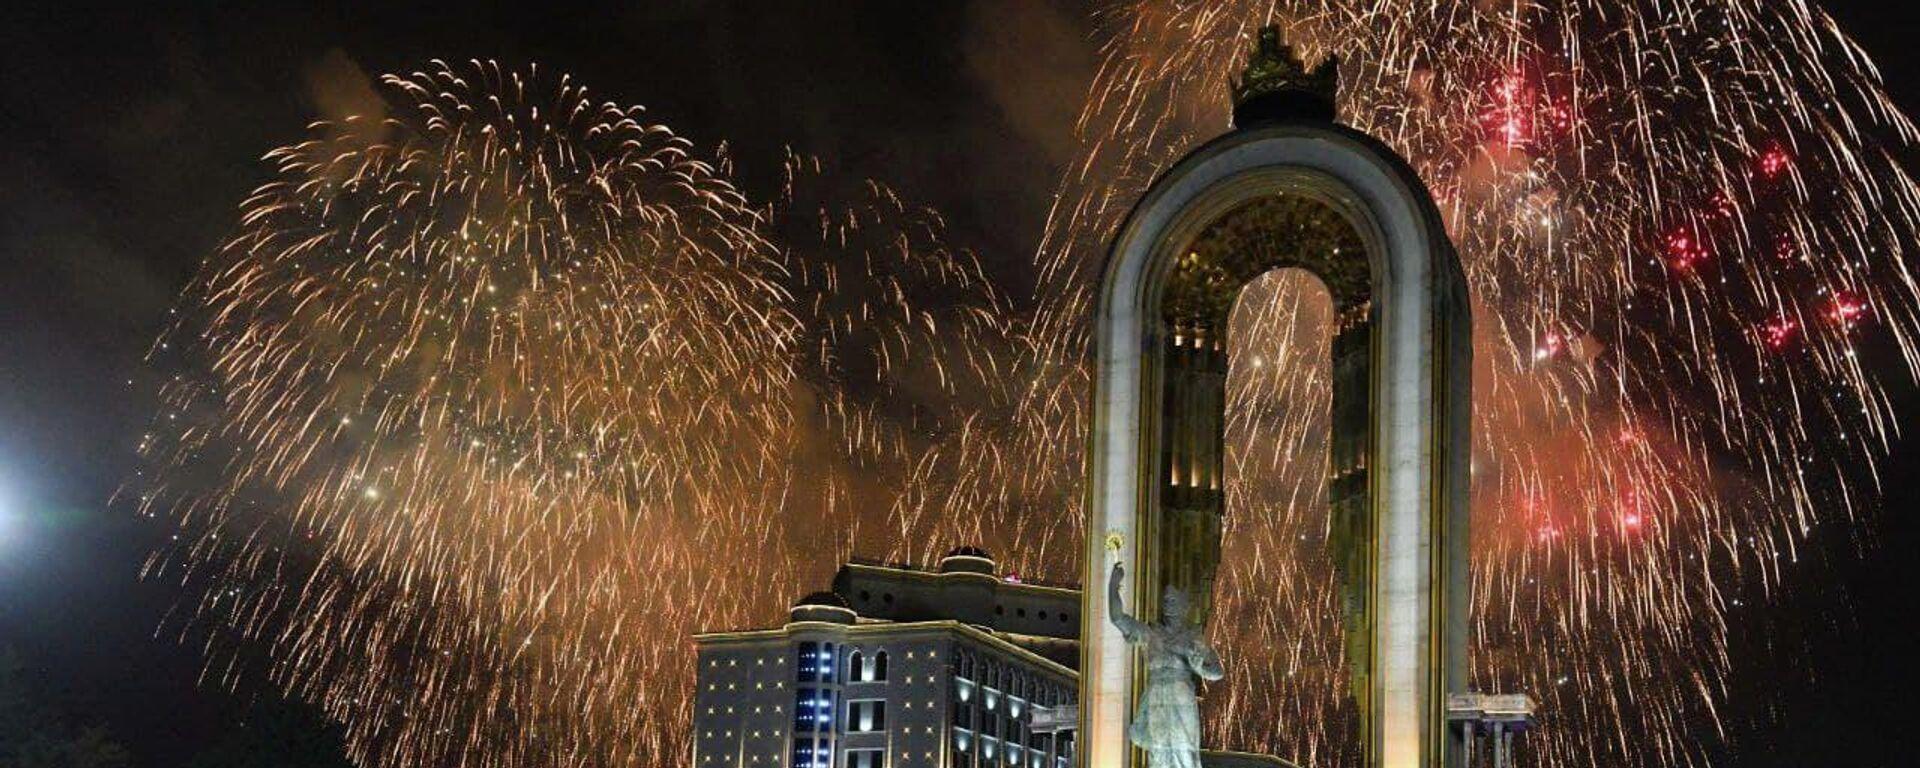 Праздничный салют в Душанбе - Sputnik Таджикистан, 1920, 10.09.2021